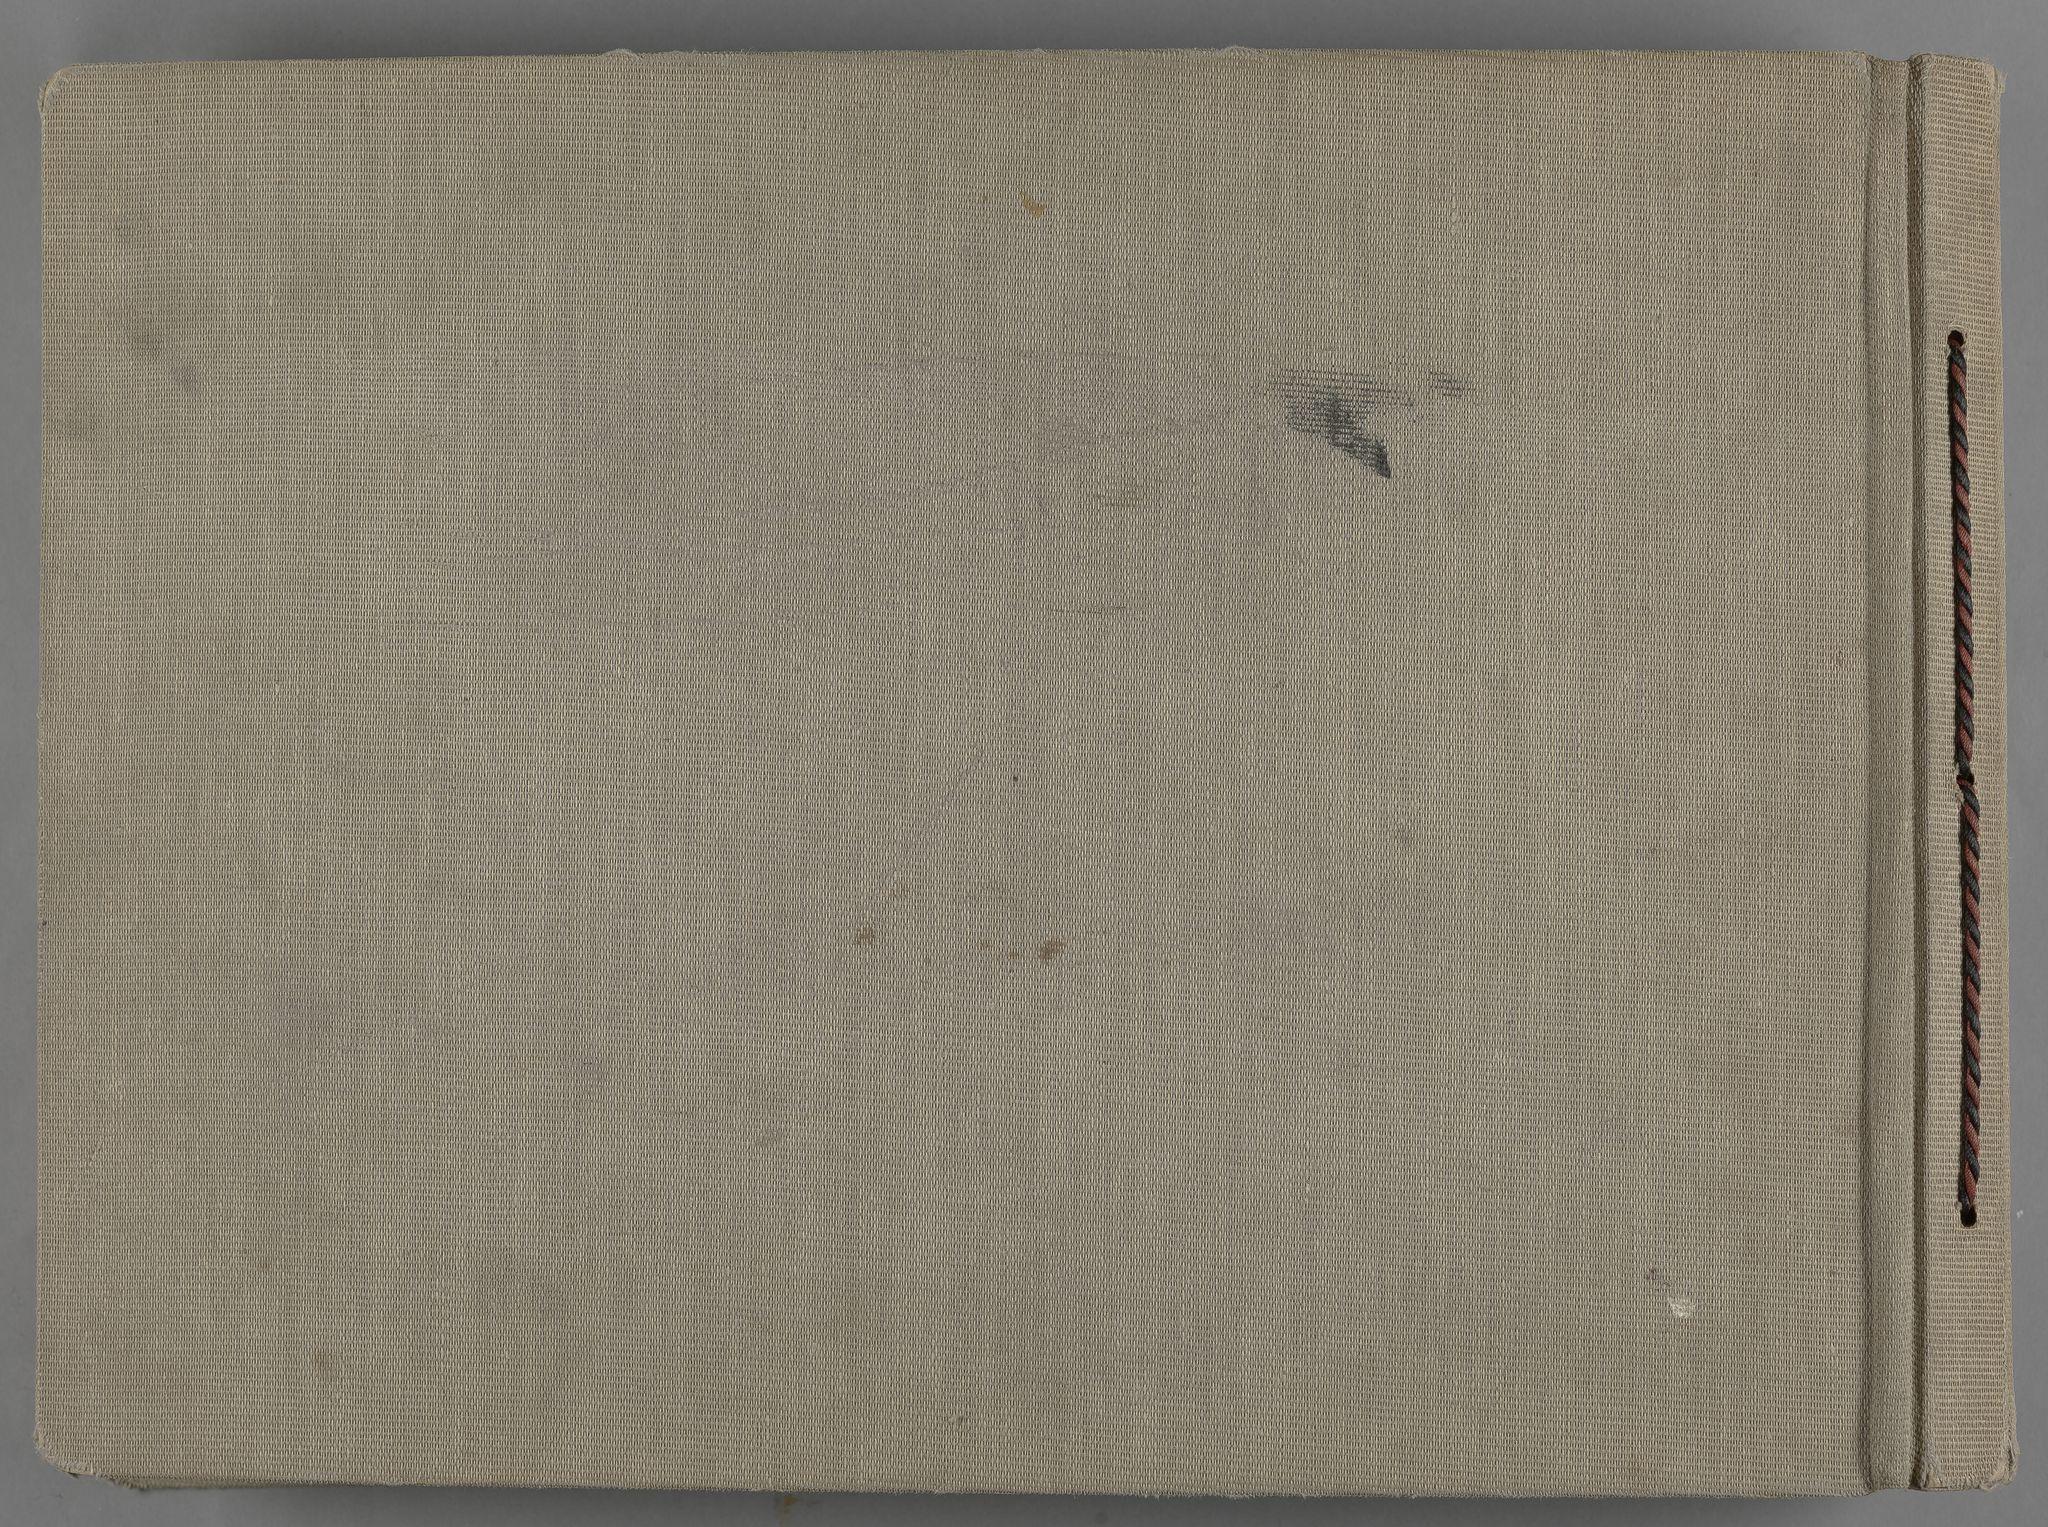 RA, Tyske arkiver, Reichskommissariat, Bildarchiv, U/L0071: Fotoalbum: Mit dem Reichskommissar nach Nordnorwegen und Finnland 10. bis 27. Juli 1942, 1942, s. 139